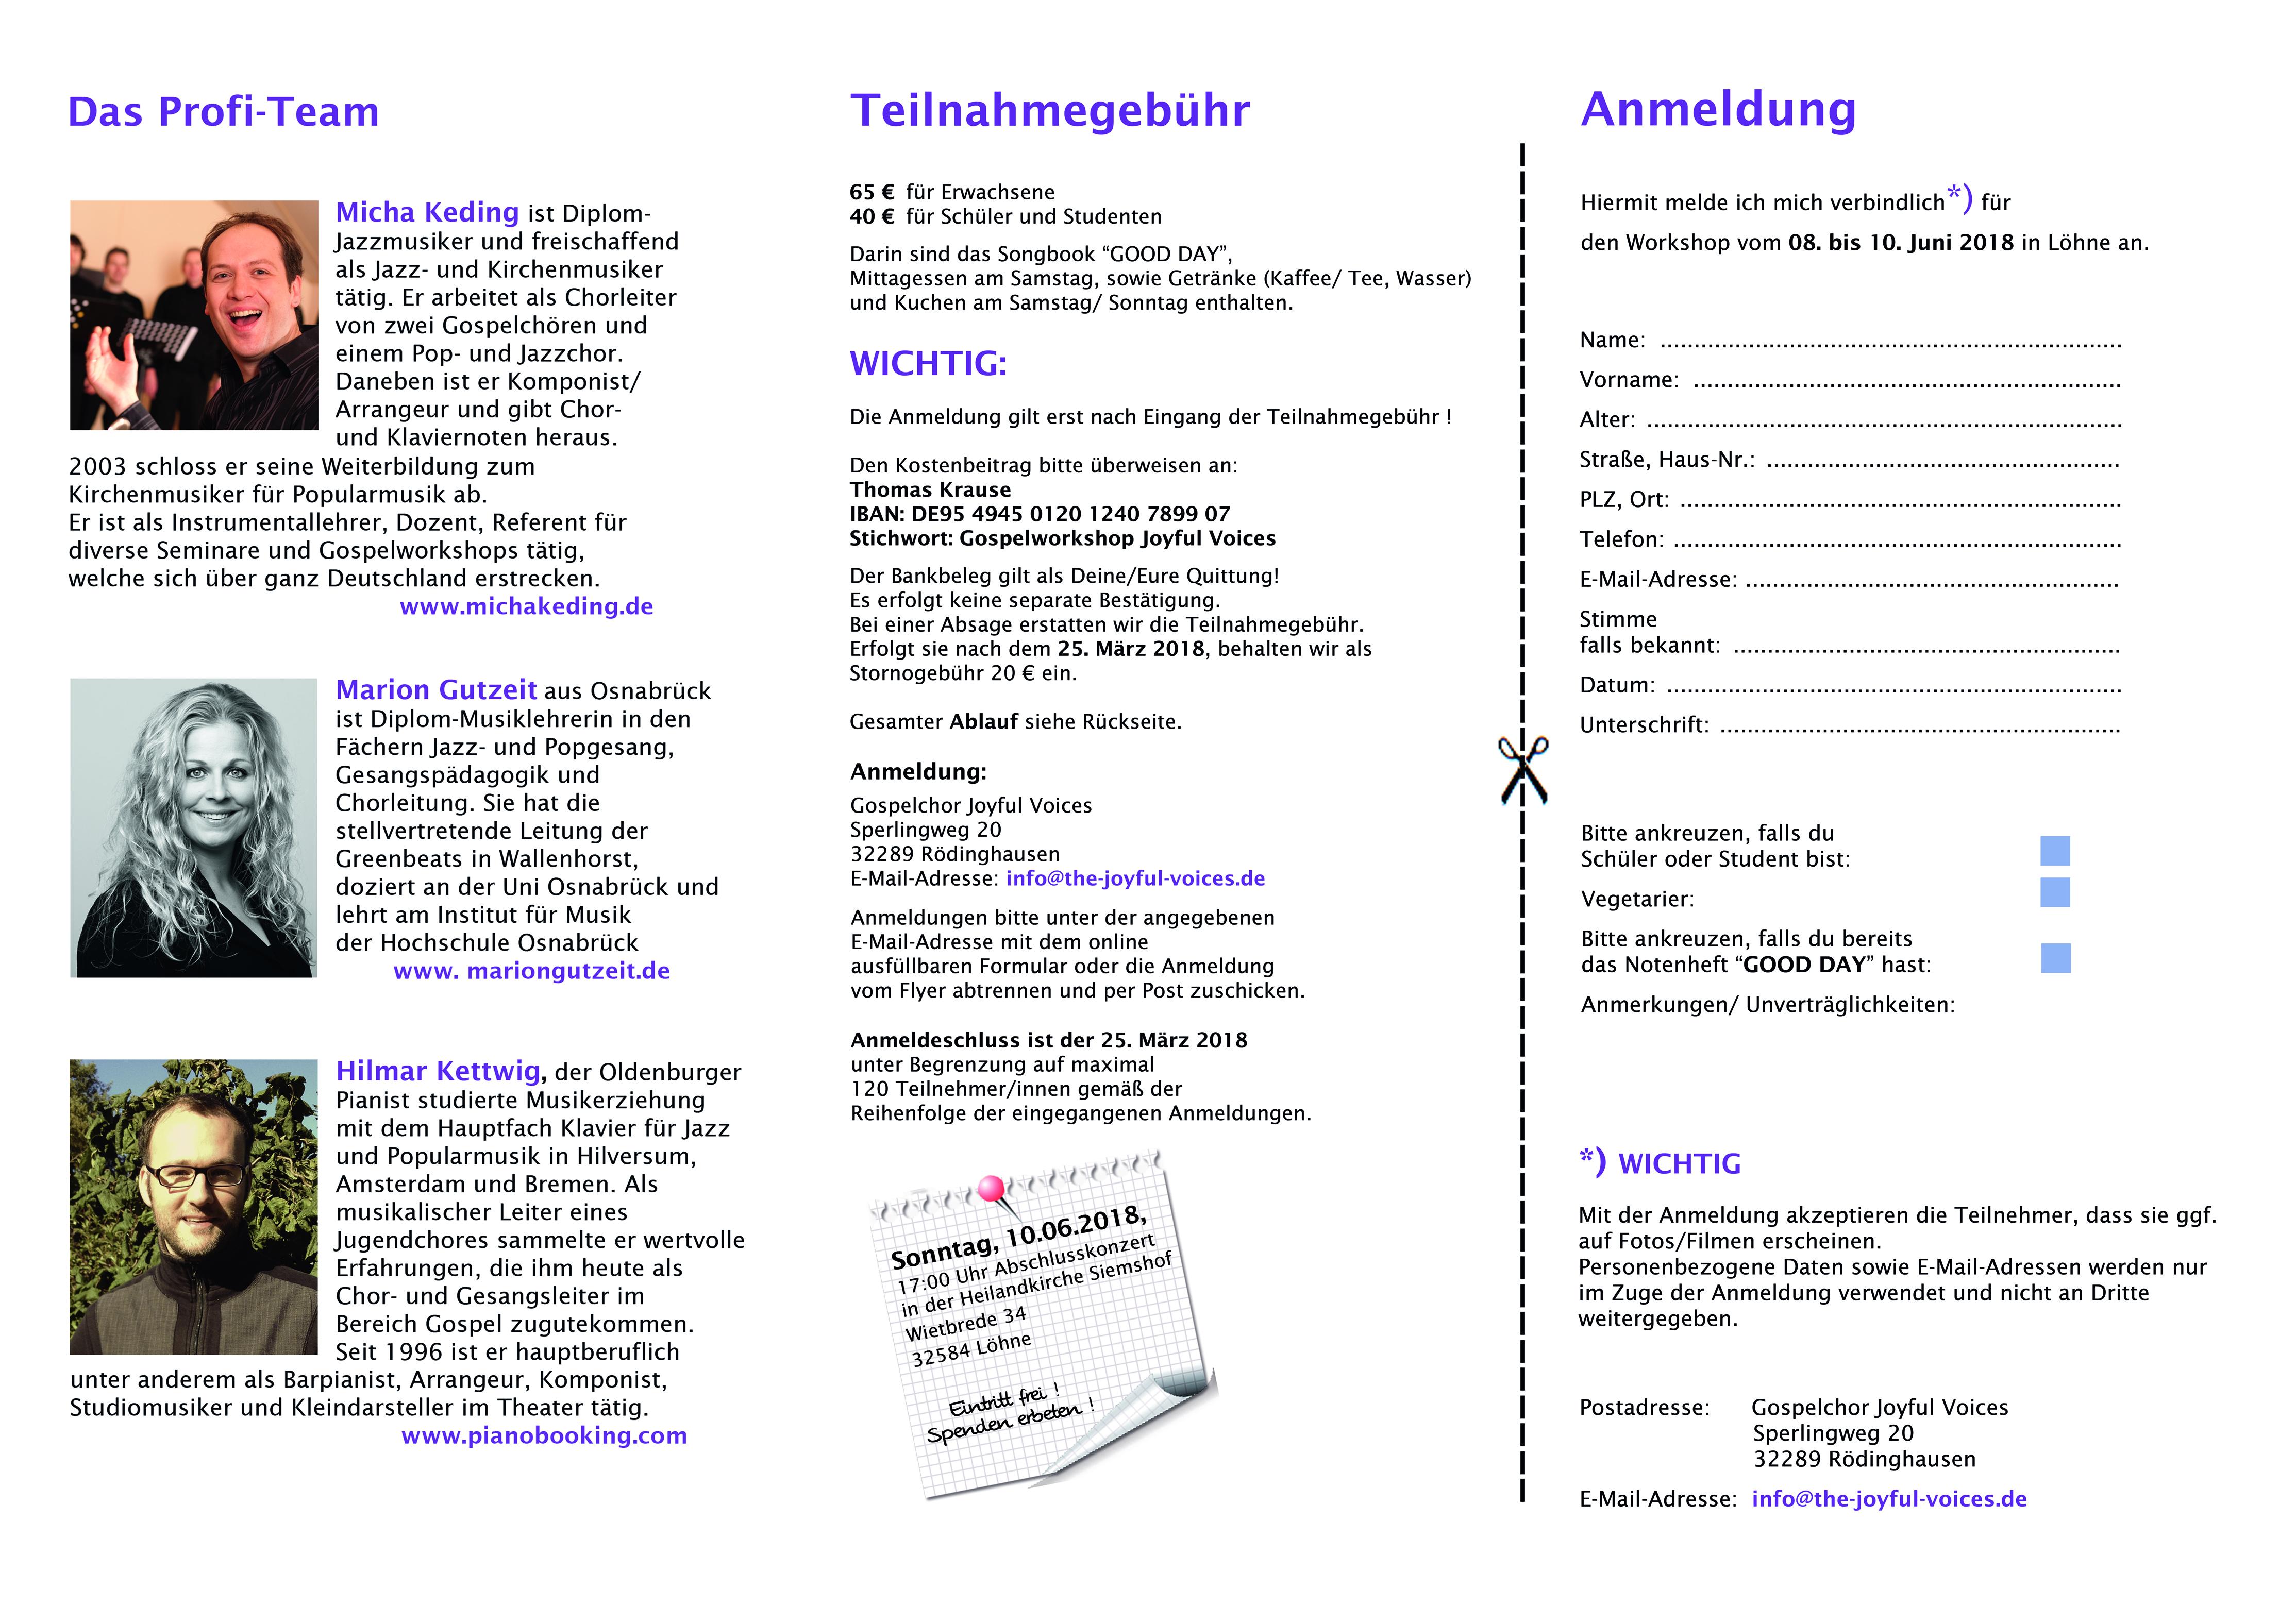 Großartig Formular Für Die Anmeldung Von Studenten Fotos - Beispiel ...